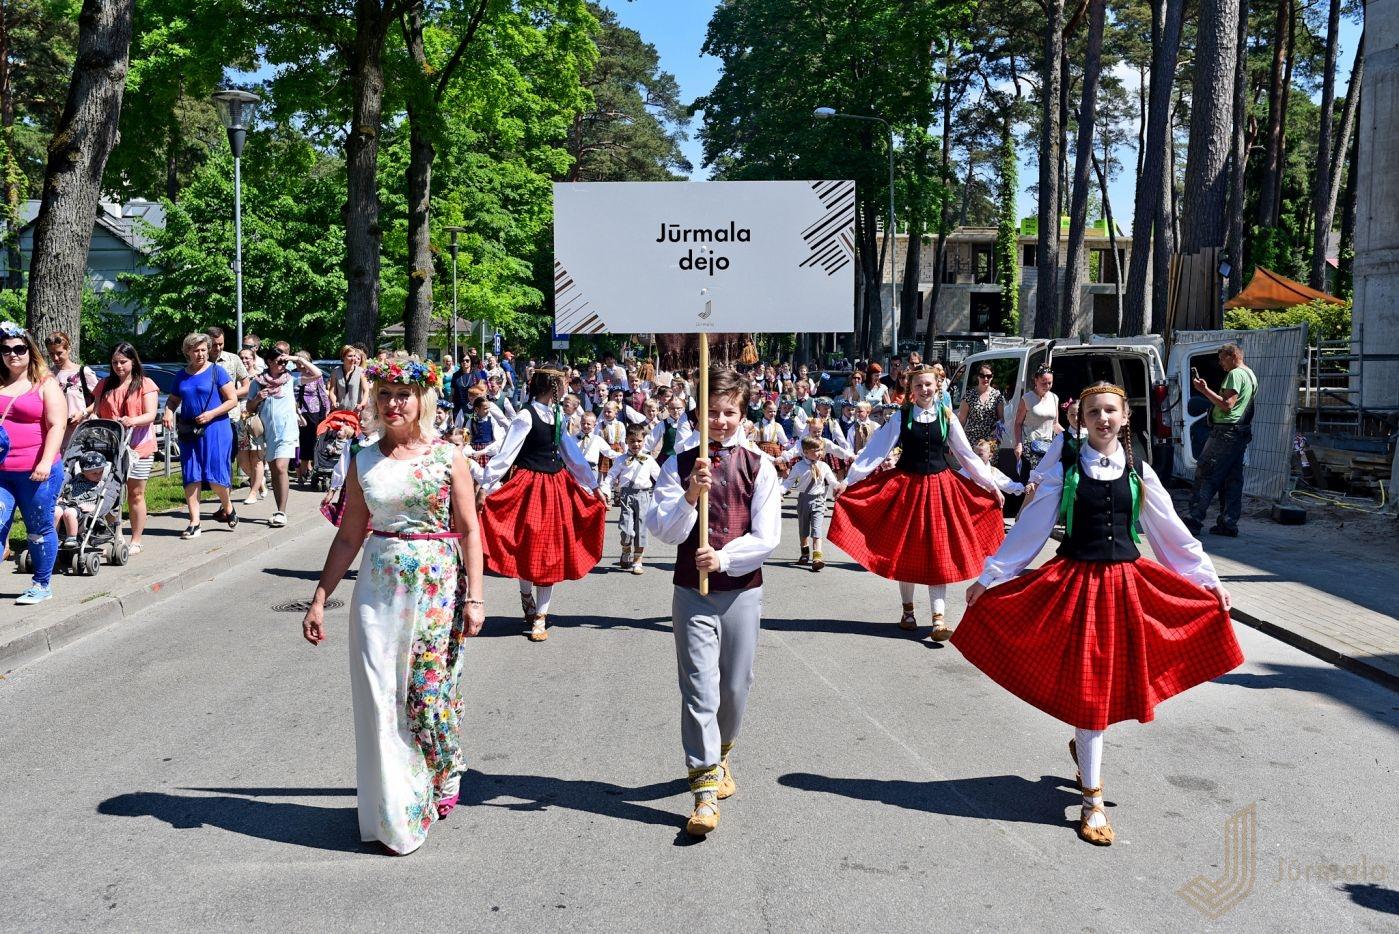 The festival in Jurmala is in full swing 29.07.2009 19